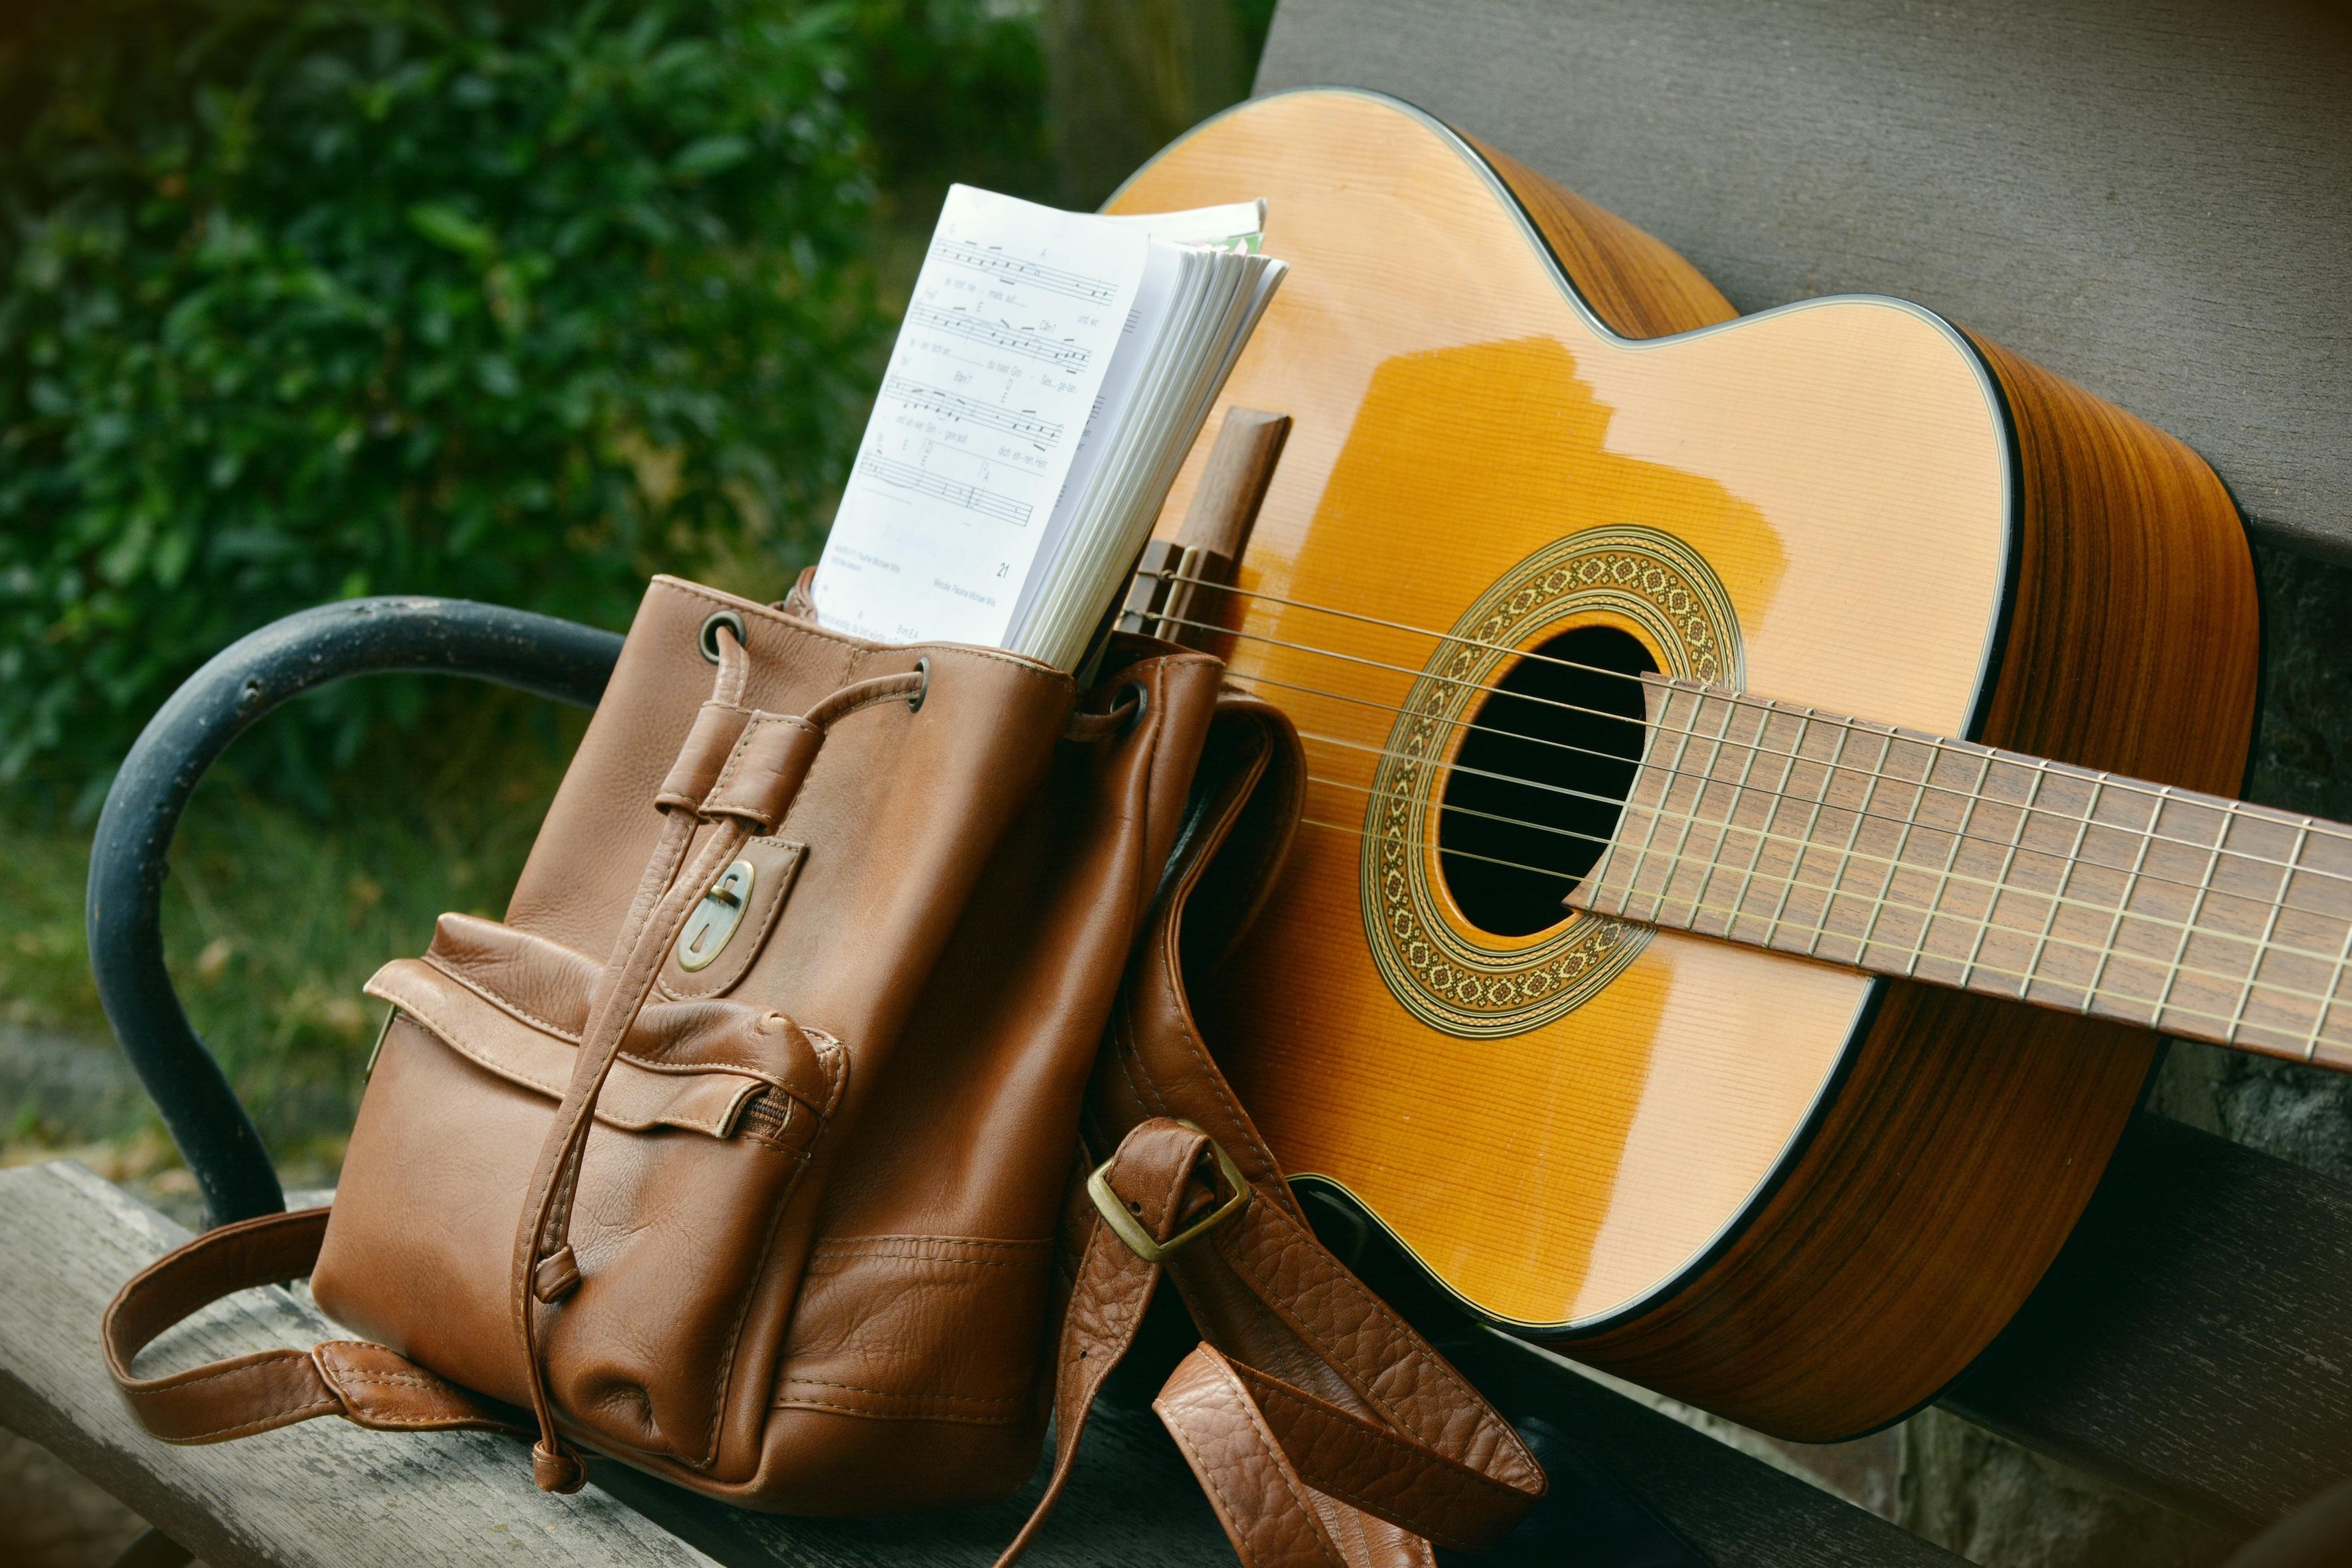 <p>  Открыта запись на обучение осенью по следующим направлениям: — Вокал — Гитара — Фортепиано — Виолончель —Сольфеджио  Мы раскрываем талант каждого ученика и готовим замечательных исполнителей, которыми гордимся! Гарантируем Вам высокий результат и по – настоящему индивидуальный подход!! Позвоните нам +375291642402</p>